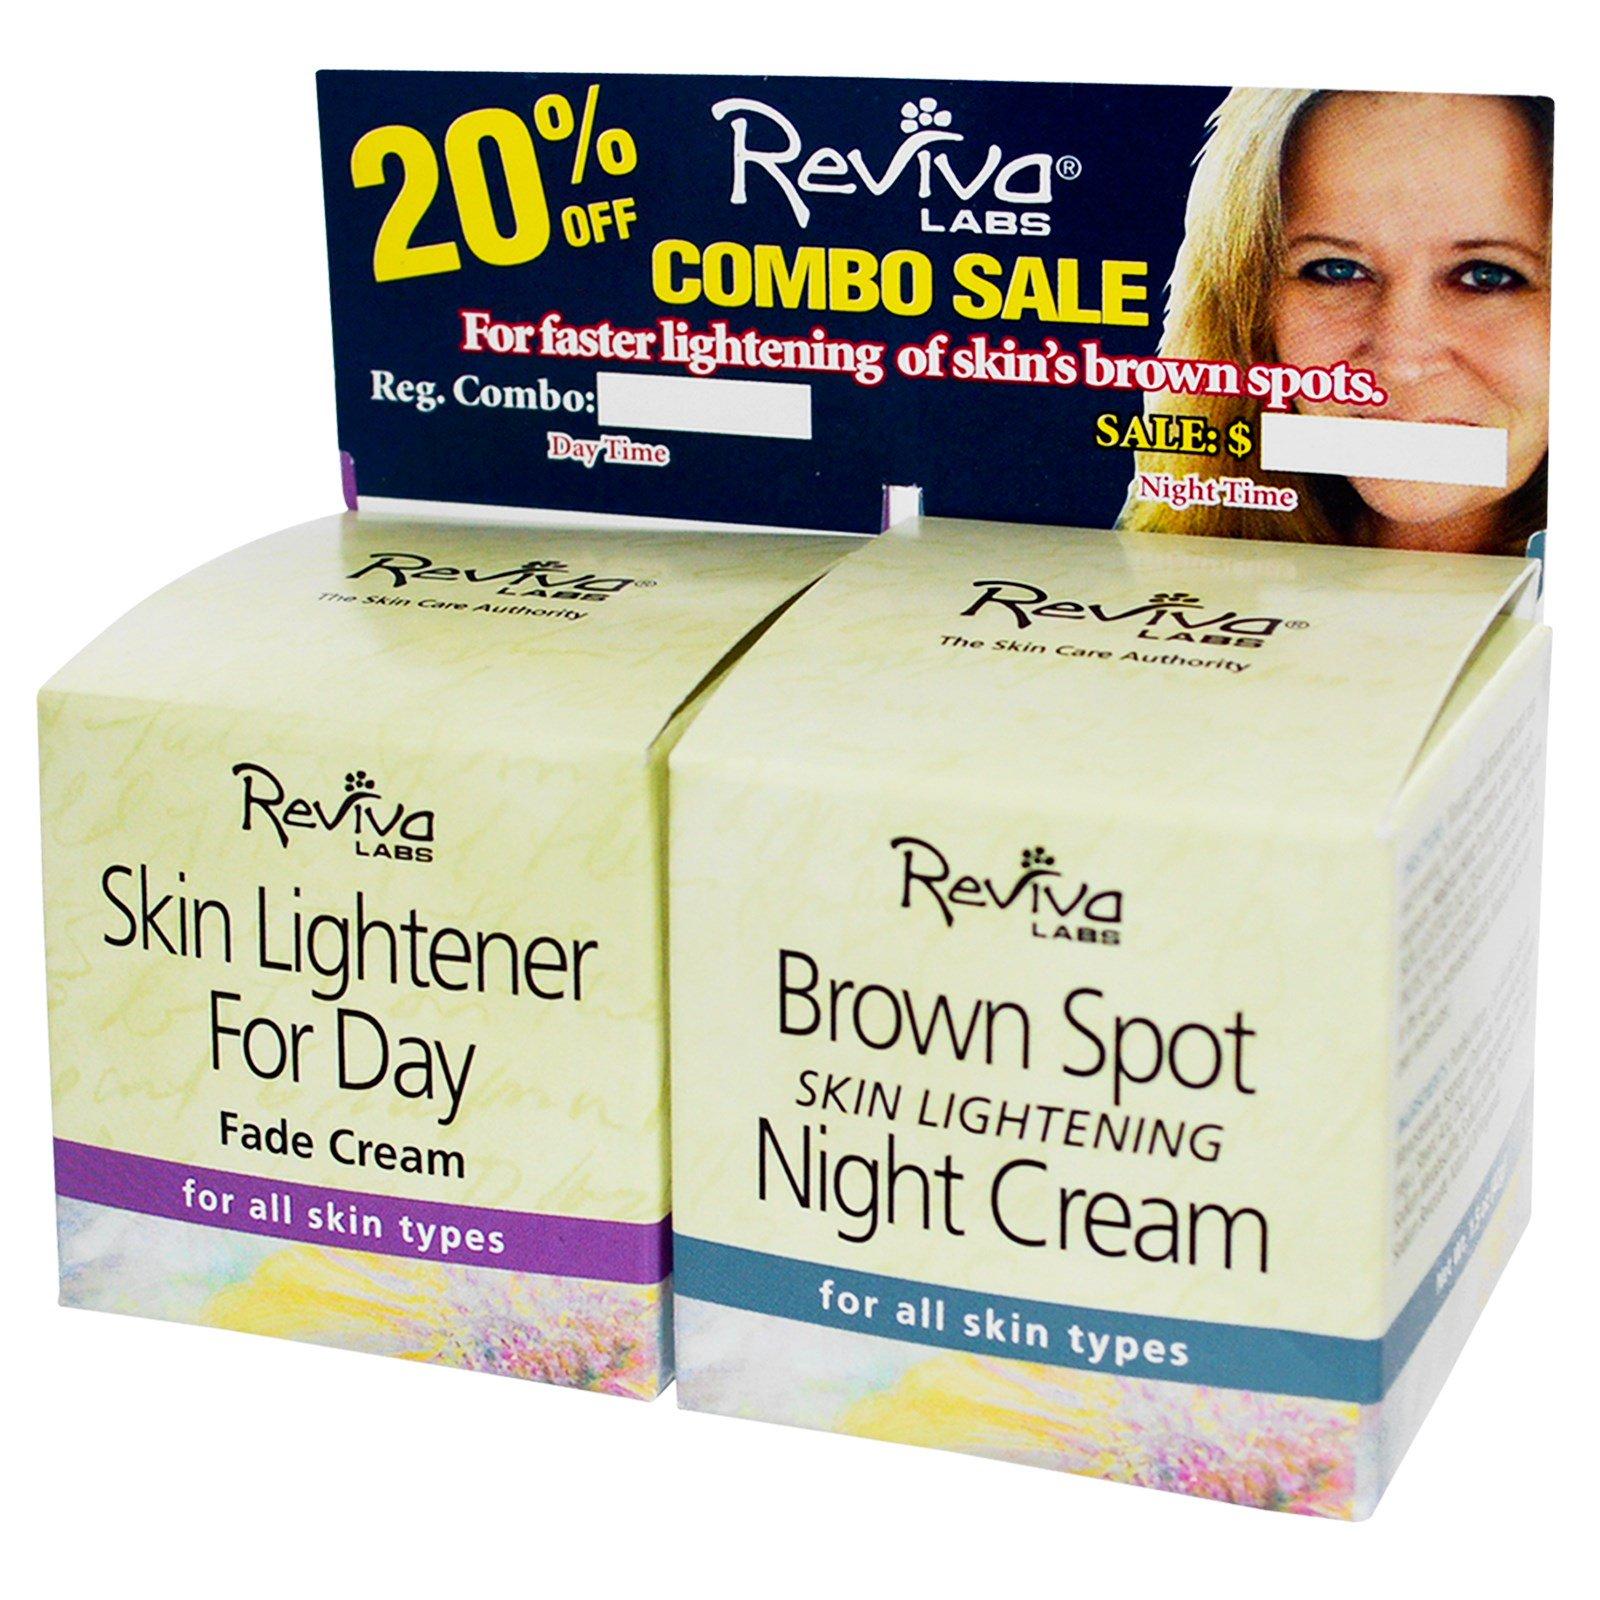 Reviva Labs Skin Lightener For Day Brown Spot Lightening Lips Cream Drw Skincare Night 15